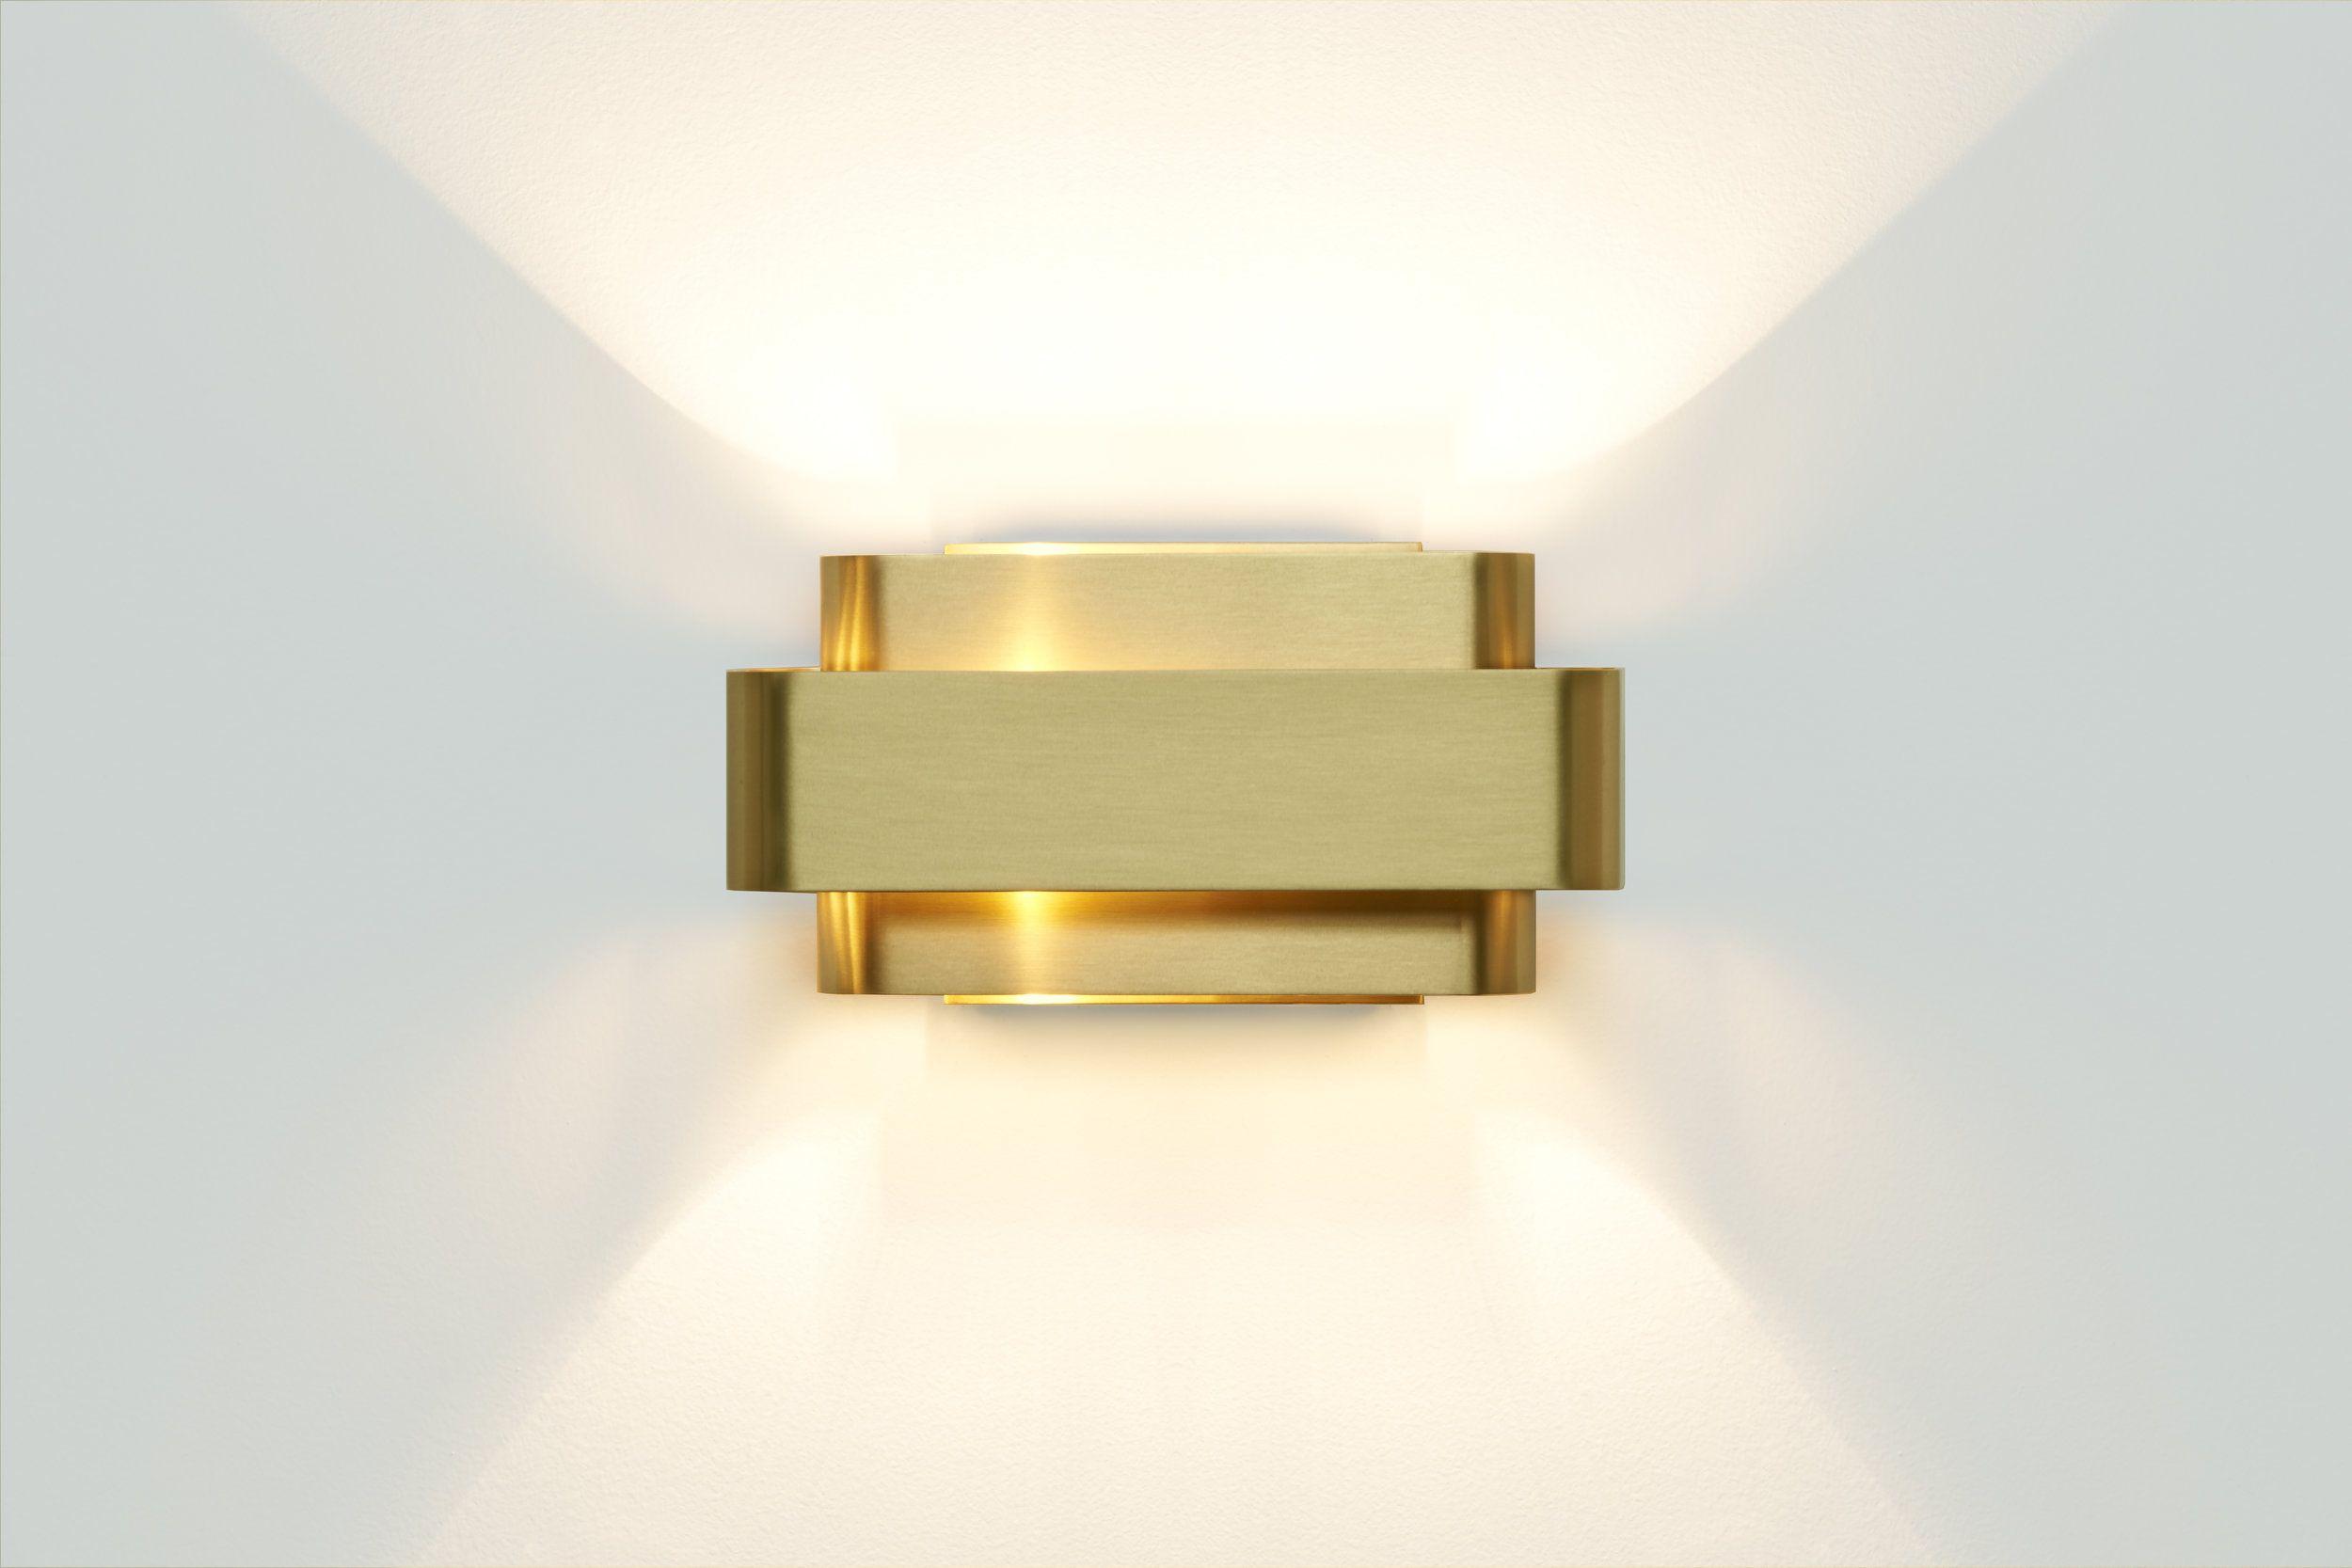 Coletwabbeslaiton alluméeg wall lamp壁灯 pinterest